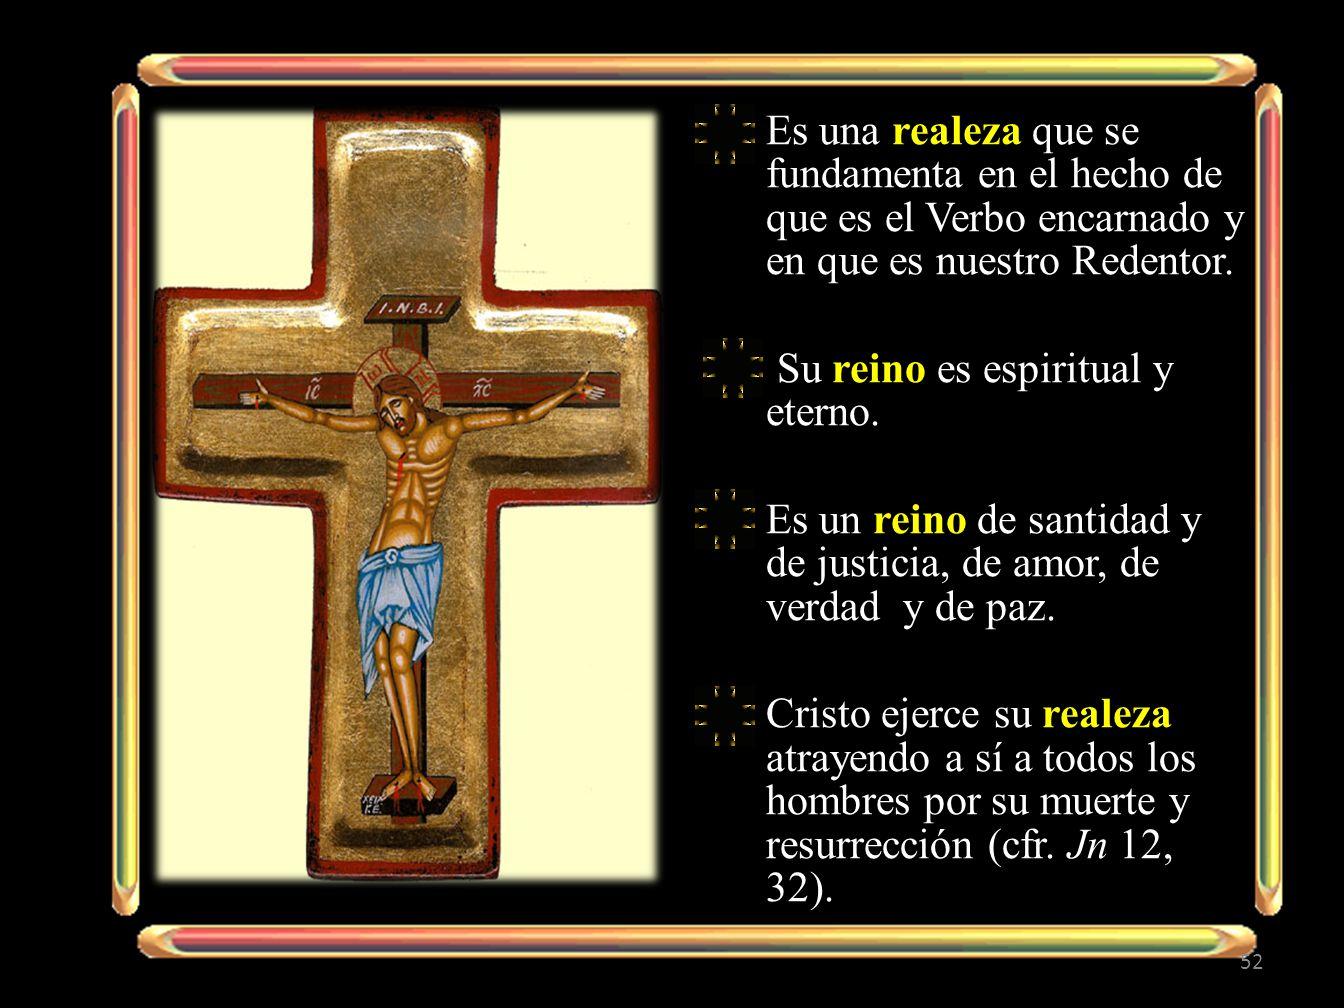 Es una realeza que se fundamenta en el hecho de que es el Verbo encarnado y en que es nuestro Redentor.